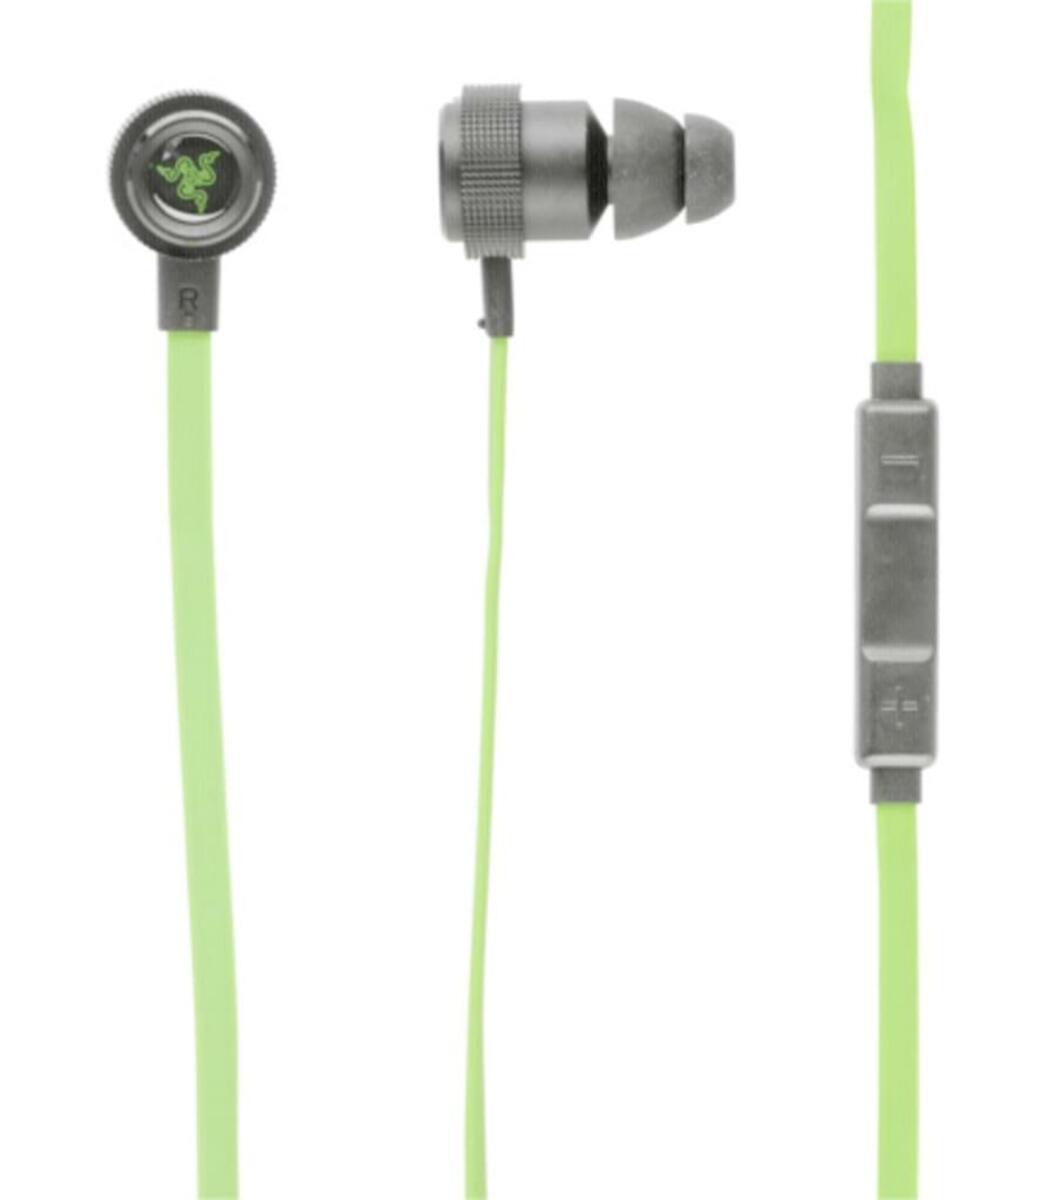 Bild 4 von Razer Hammerhead Pro V2 In Ear Headset 1,3m Kabel 10mm Treiber Fernbedienung